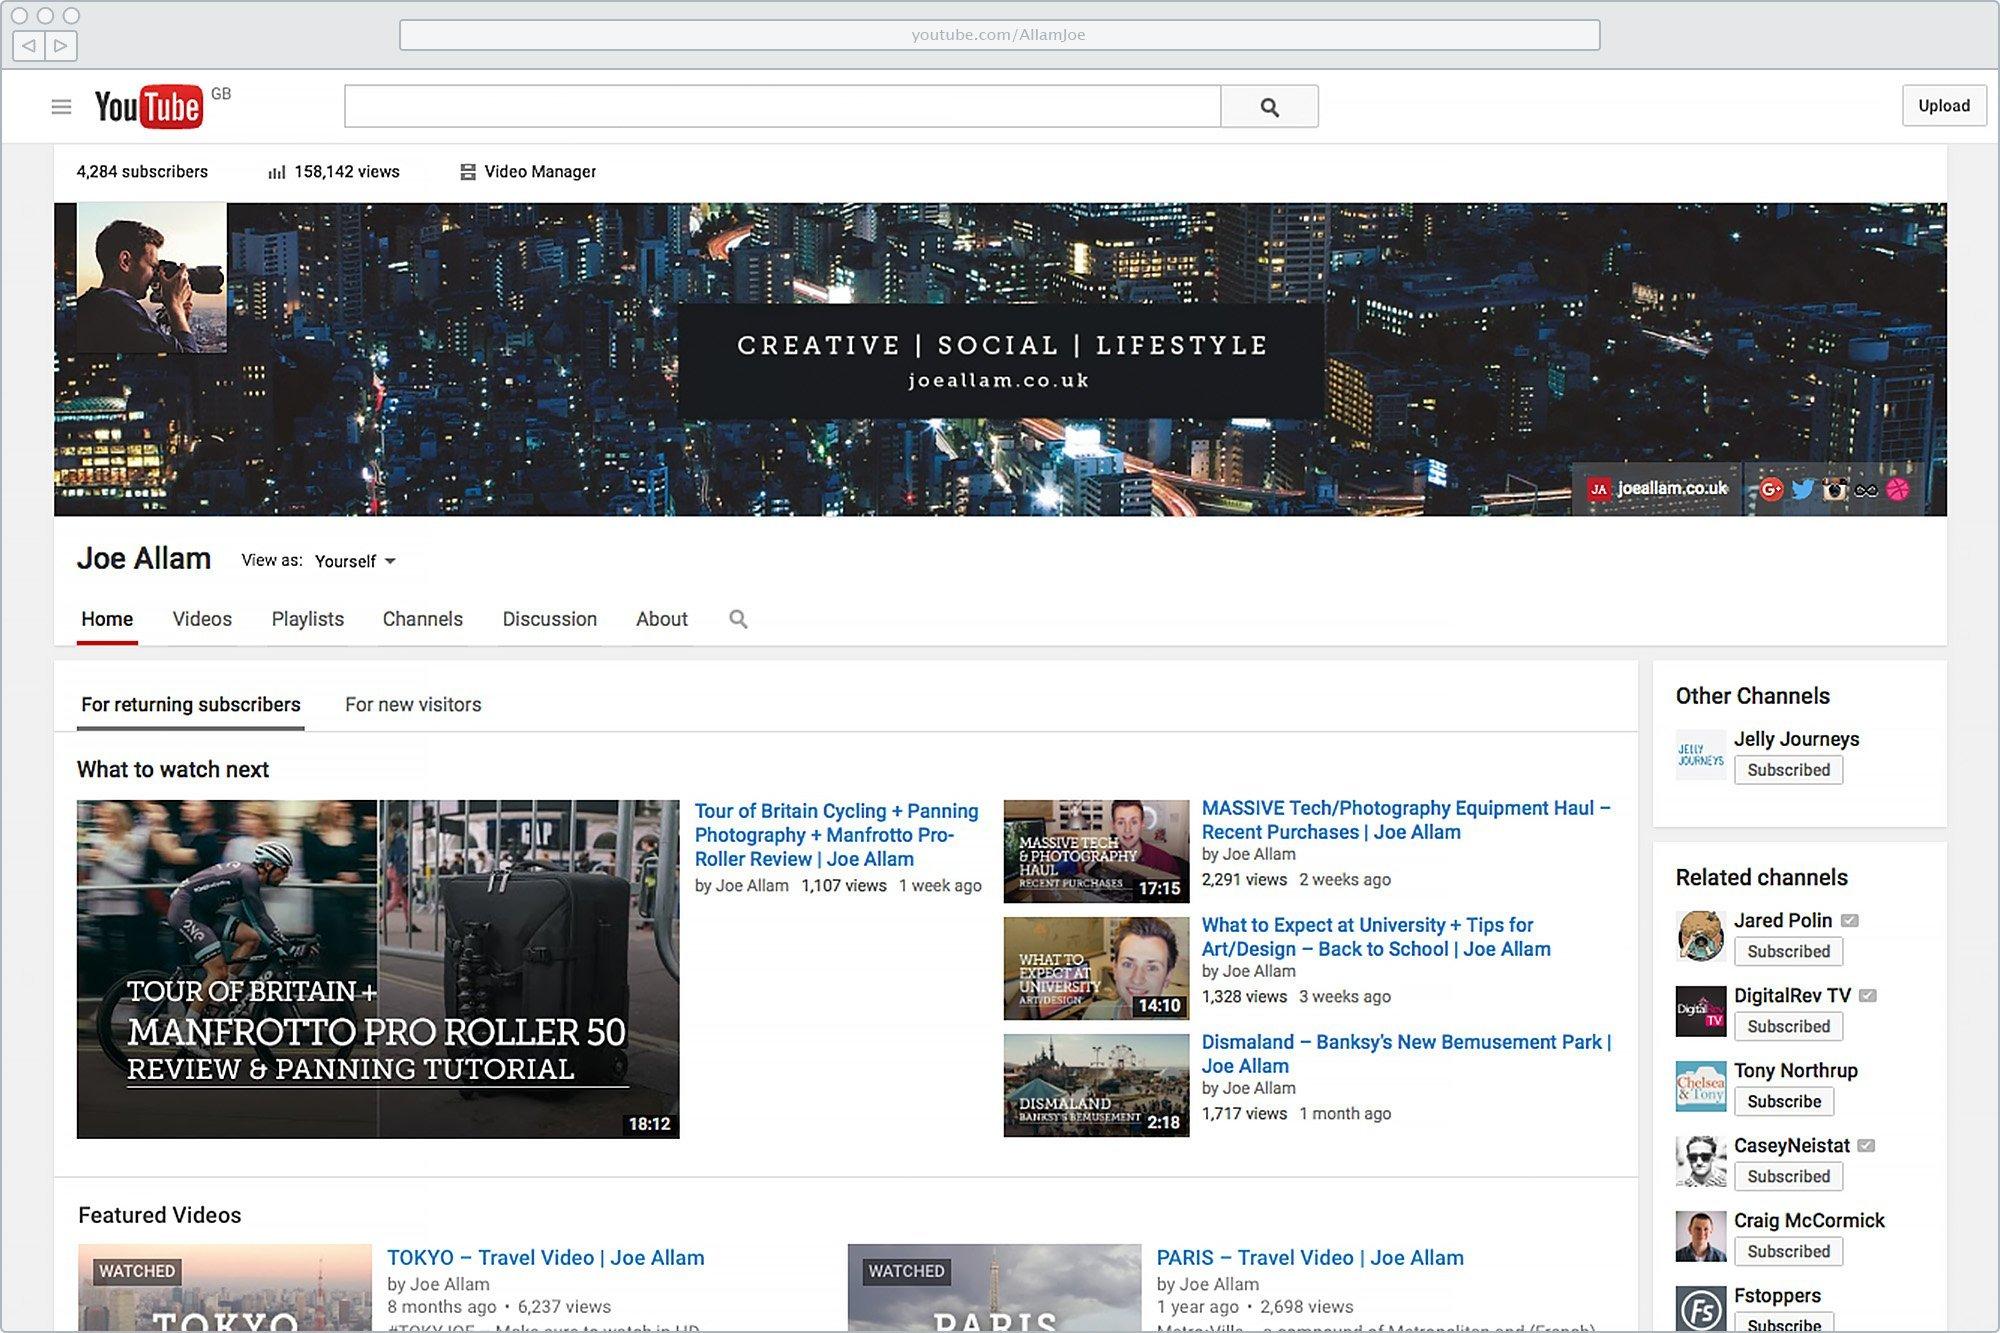 Old YouTube Branding